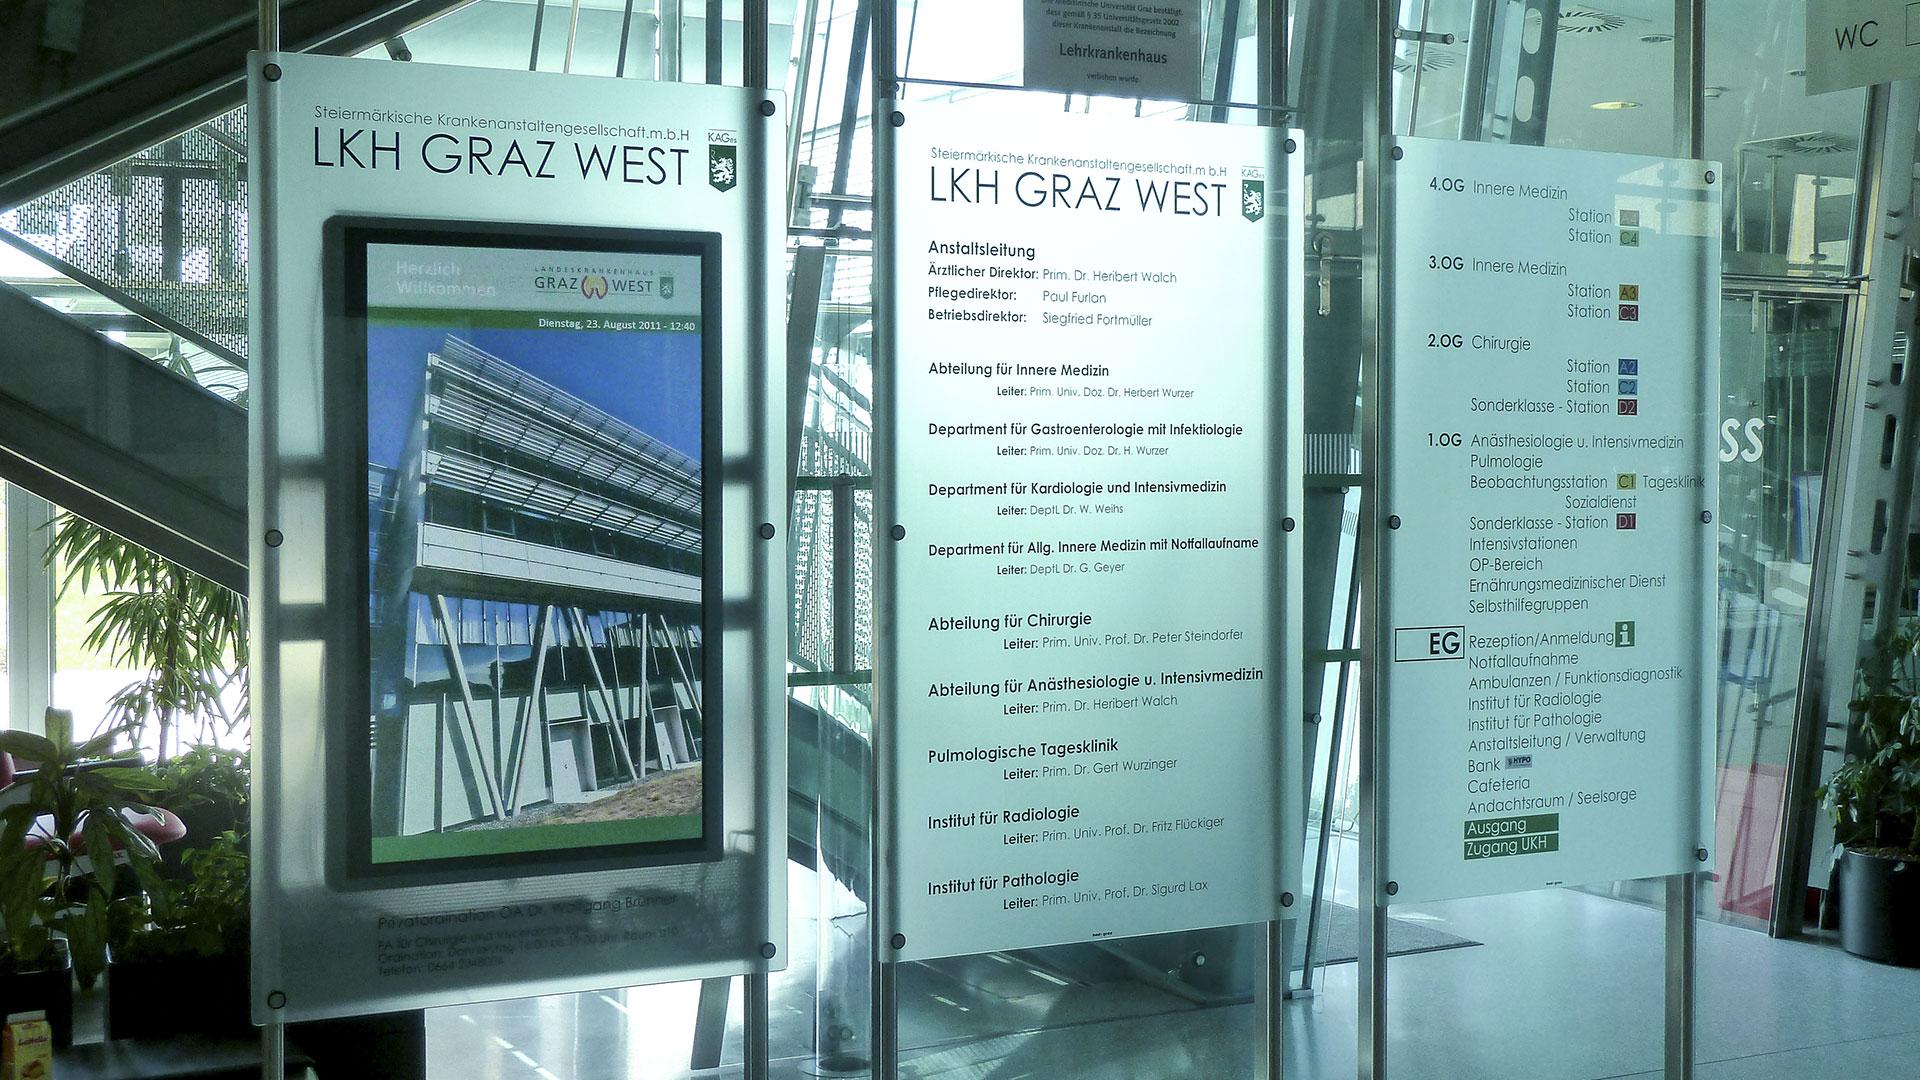 LKH Graz West Digital Signage